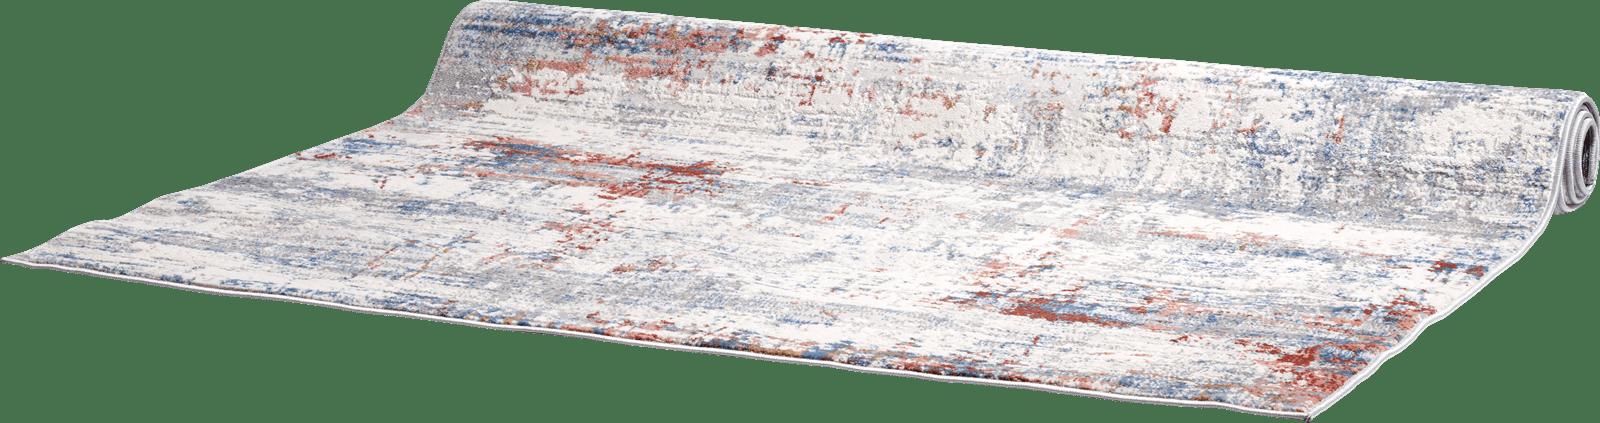 XOOON - Coco Maison - jessy rug 200x300cm